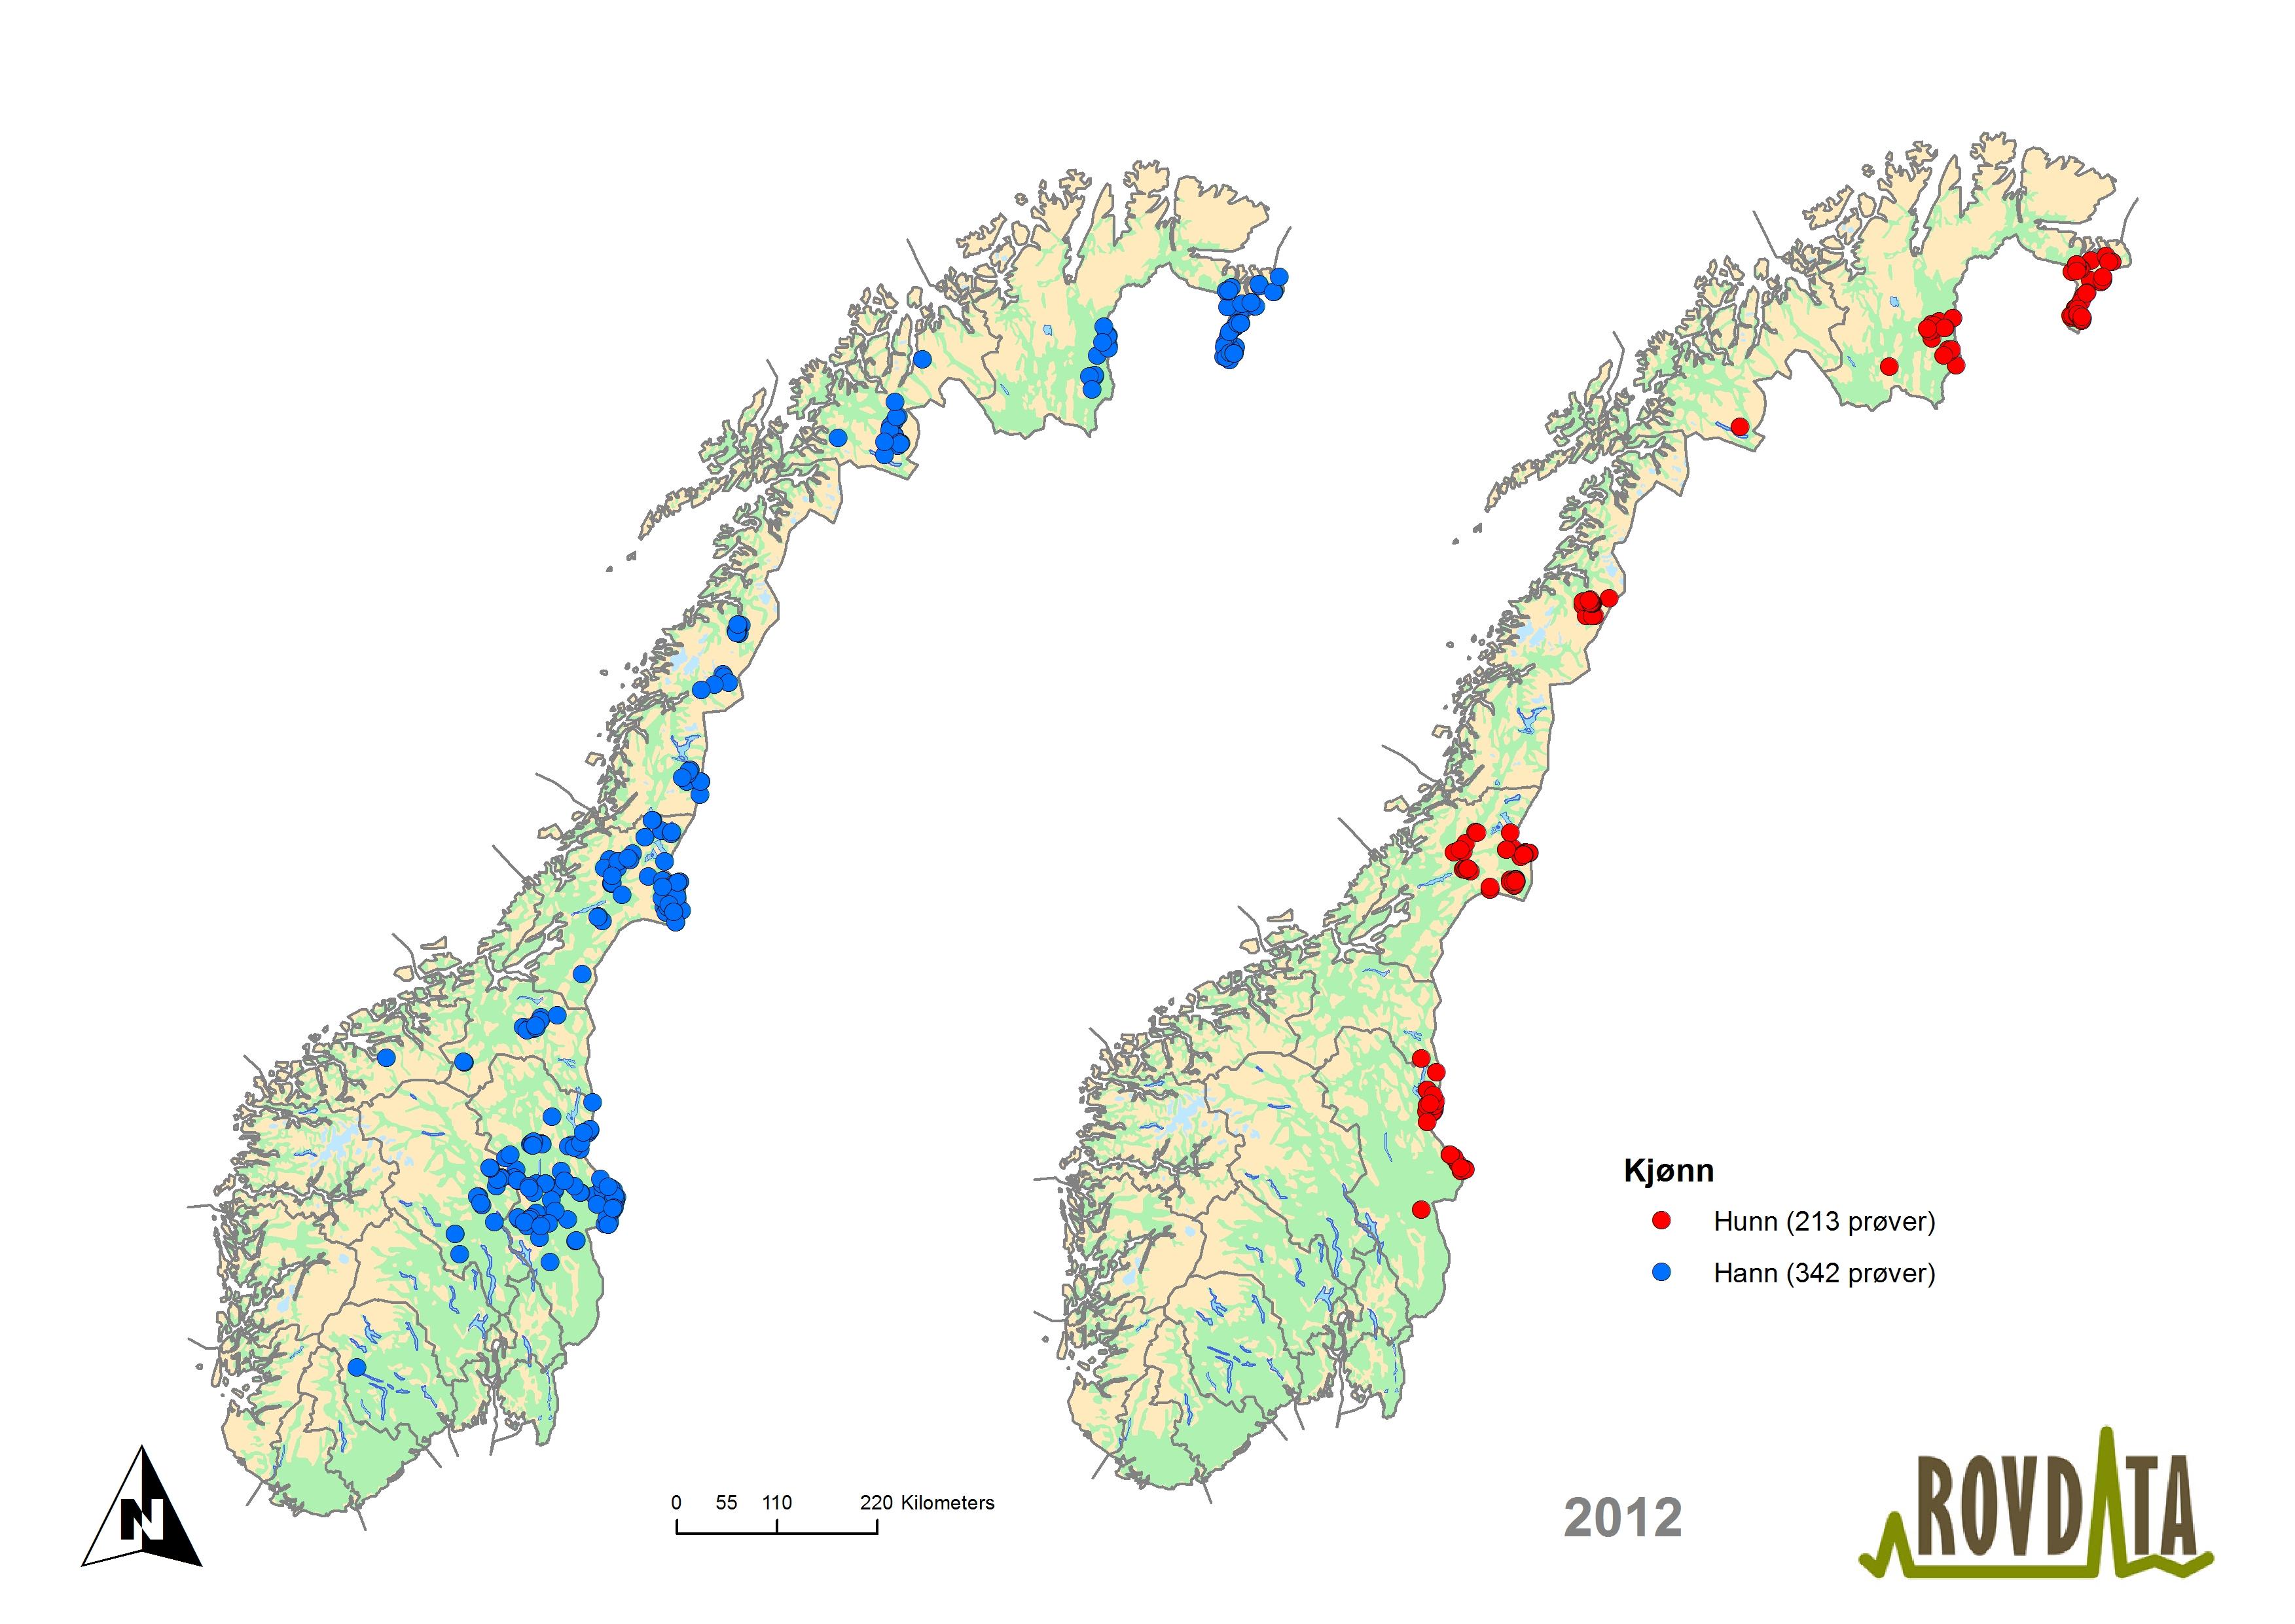 norges geografiske midtpunkt kart Rovdata   Last ned kart og figurer, brunbjørn